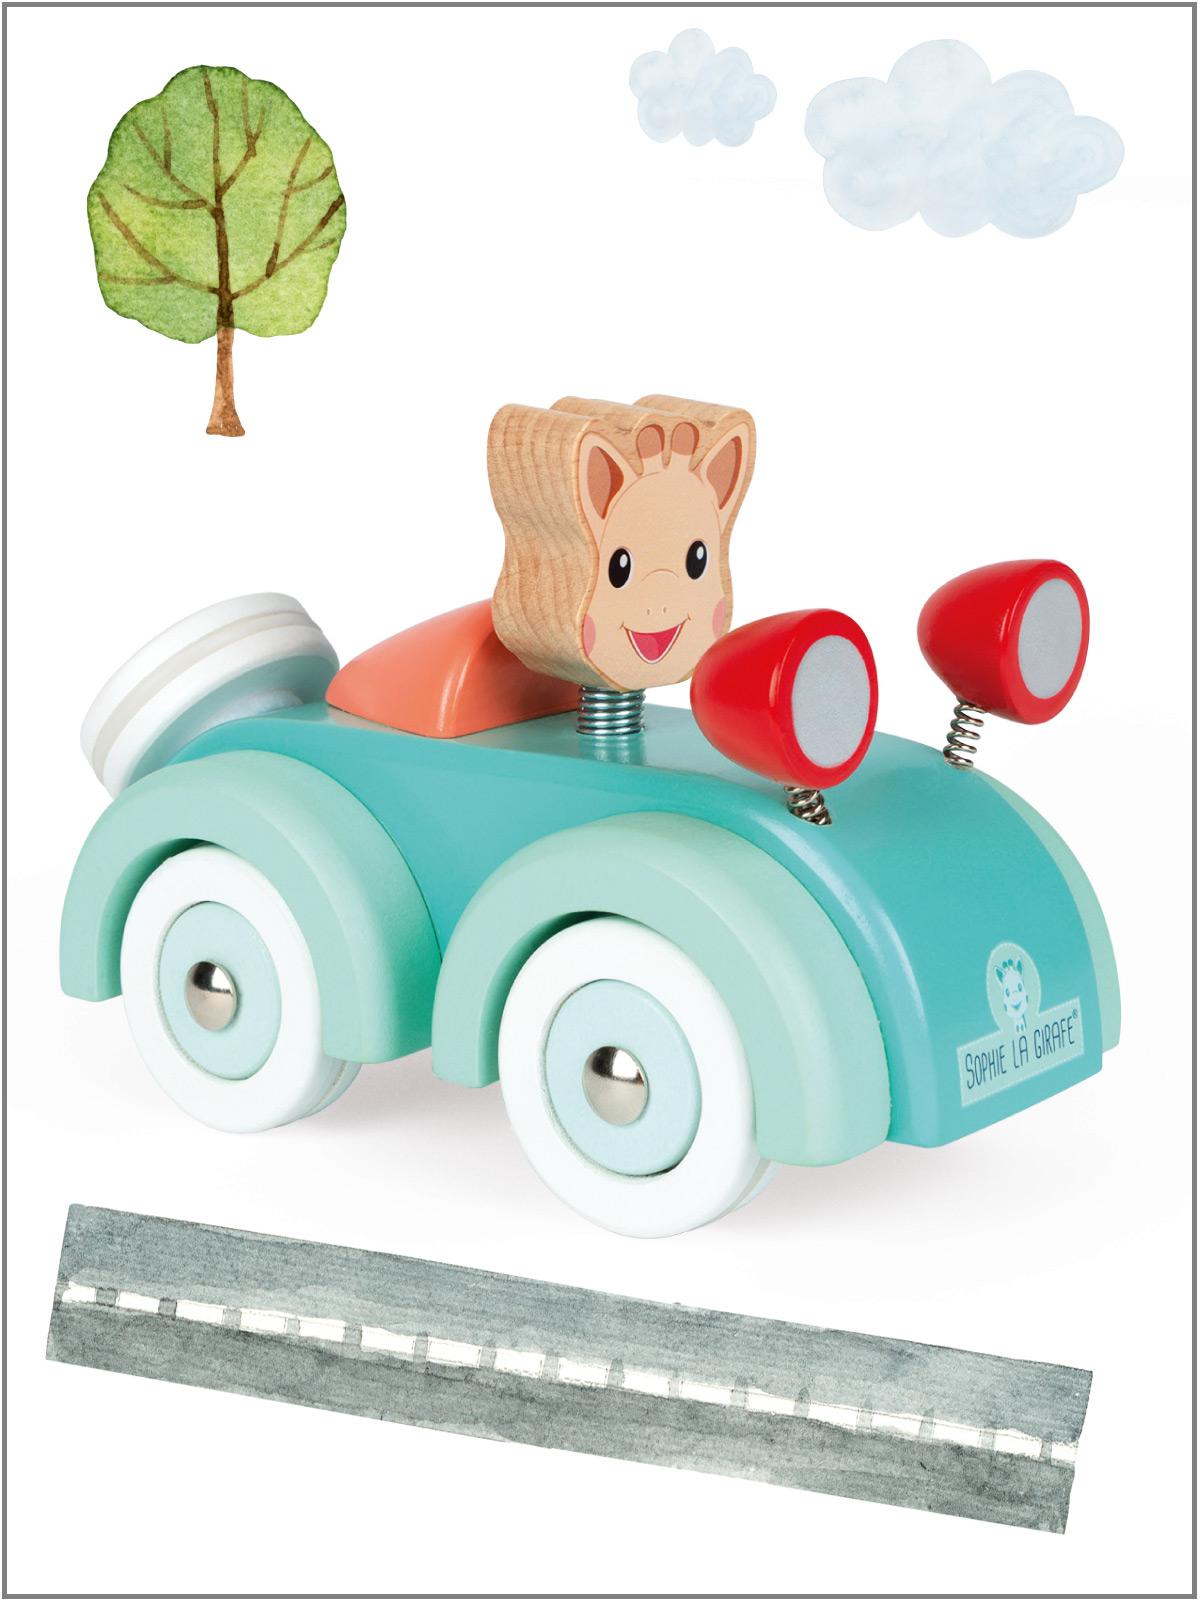 frederickandsophie-kids-toys-janod-france-sophie_la_girafe_wooden-car